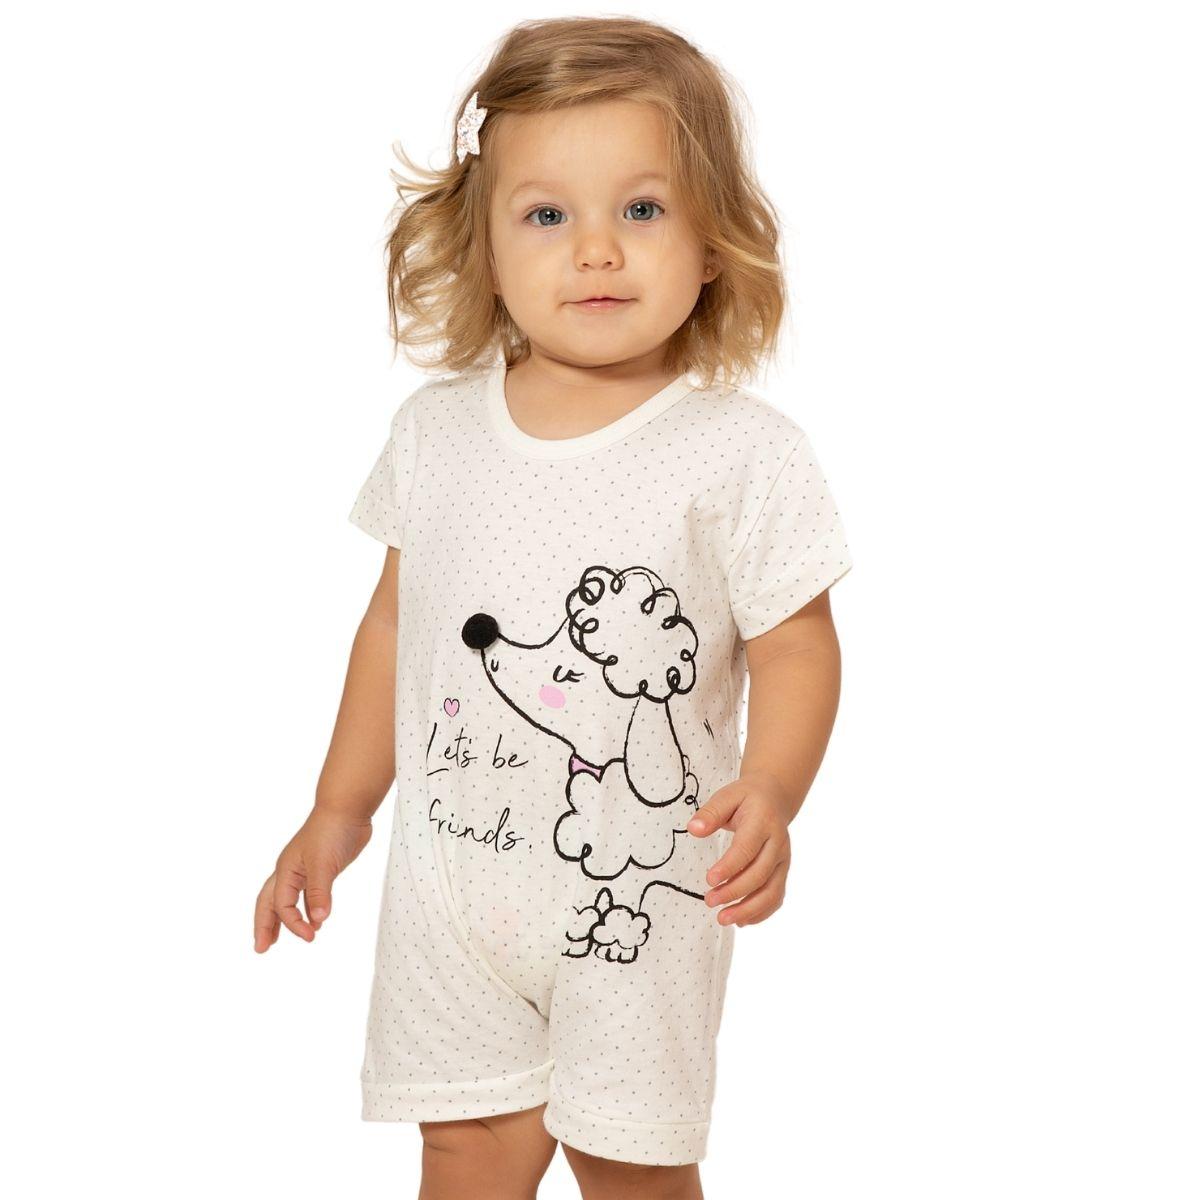 Macacão algodão bebê pijama menino 1 a 3 anos menina verão